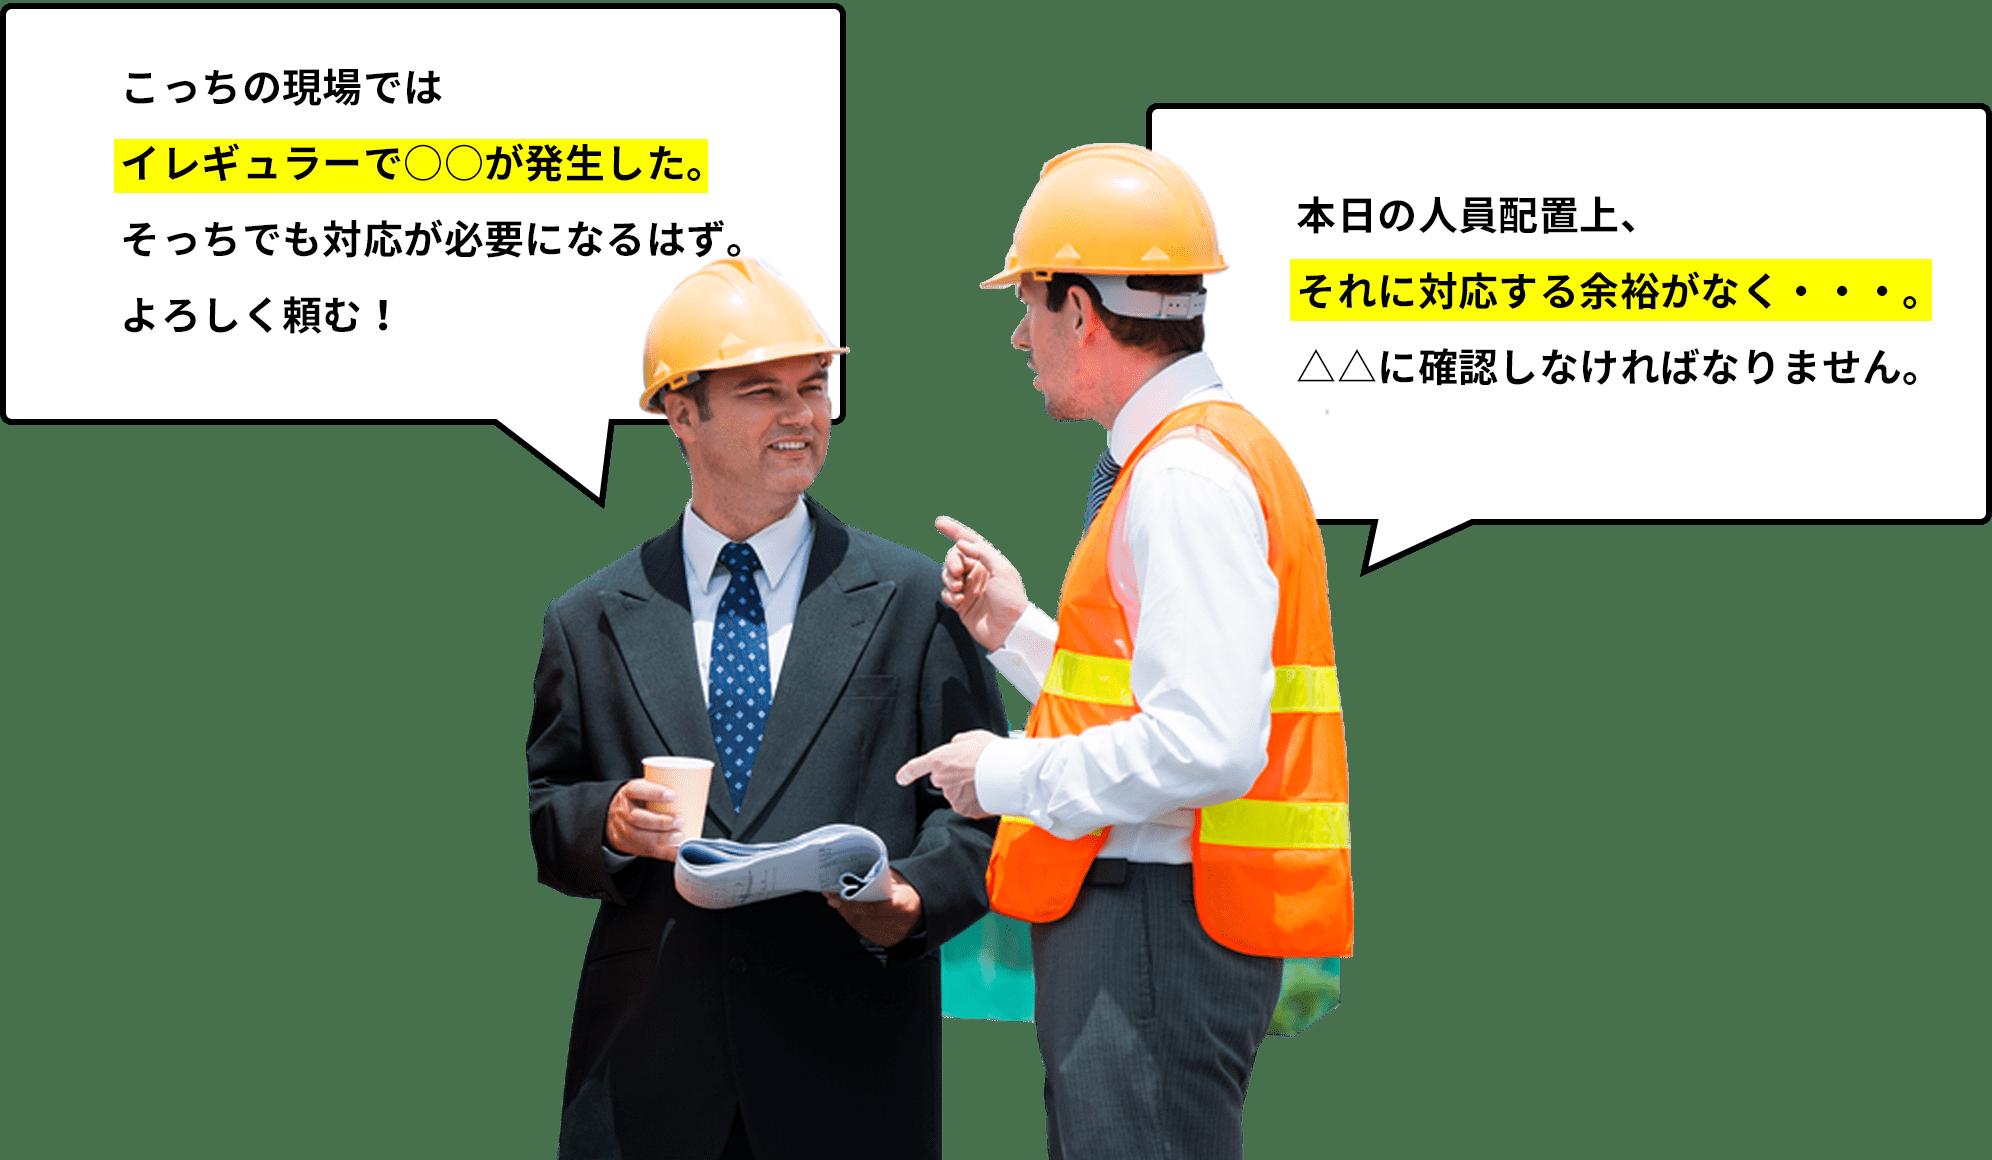 建築業の現場